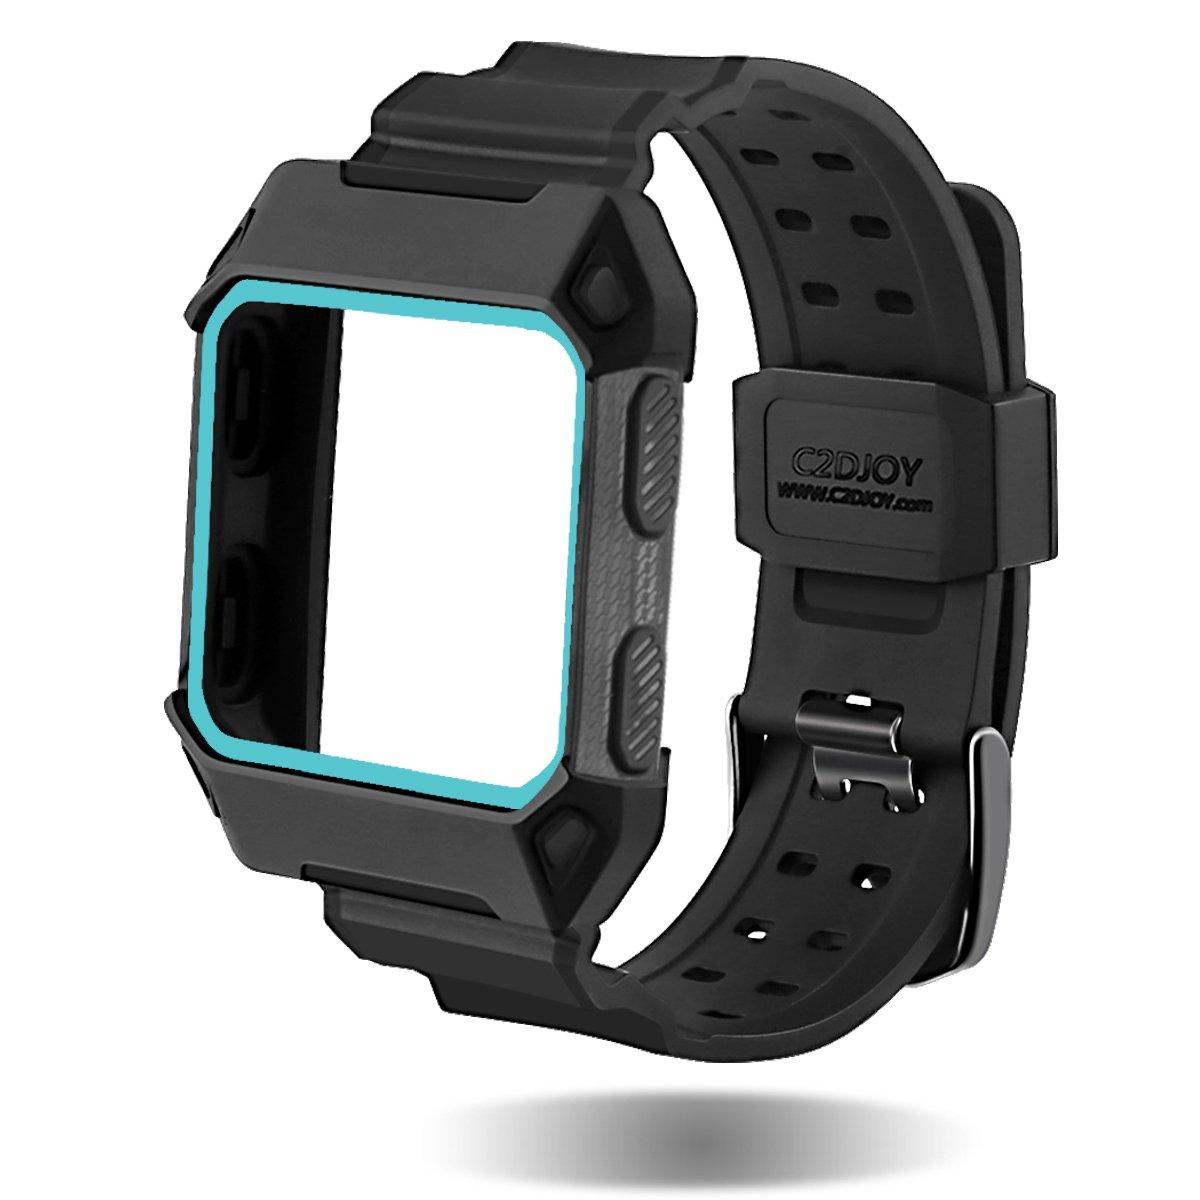 Para Fitbit Ionic - Funda de repuesto - c2djoy Rugged Protective Frame caso accesorio deporte bandas para Fitbit Ionic reloj tamaño (5,5 - 8.1 Inch), ...